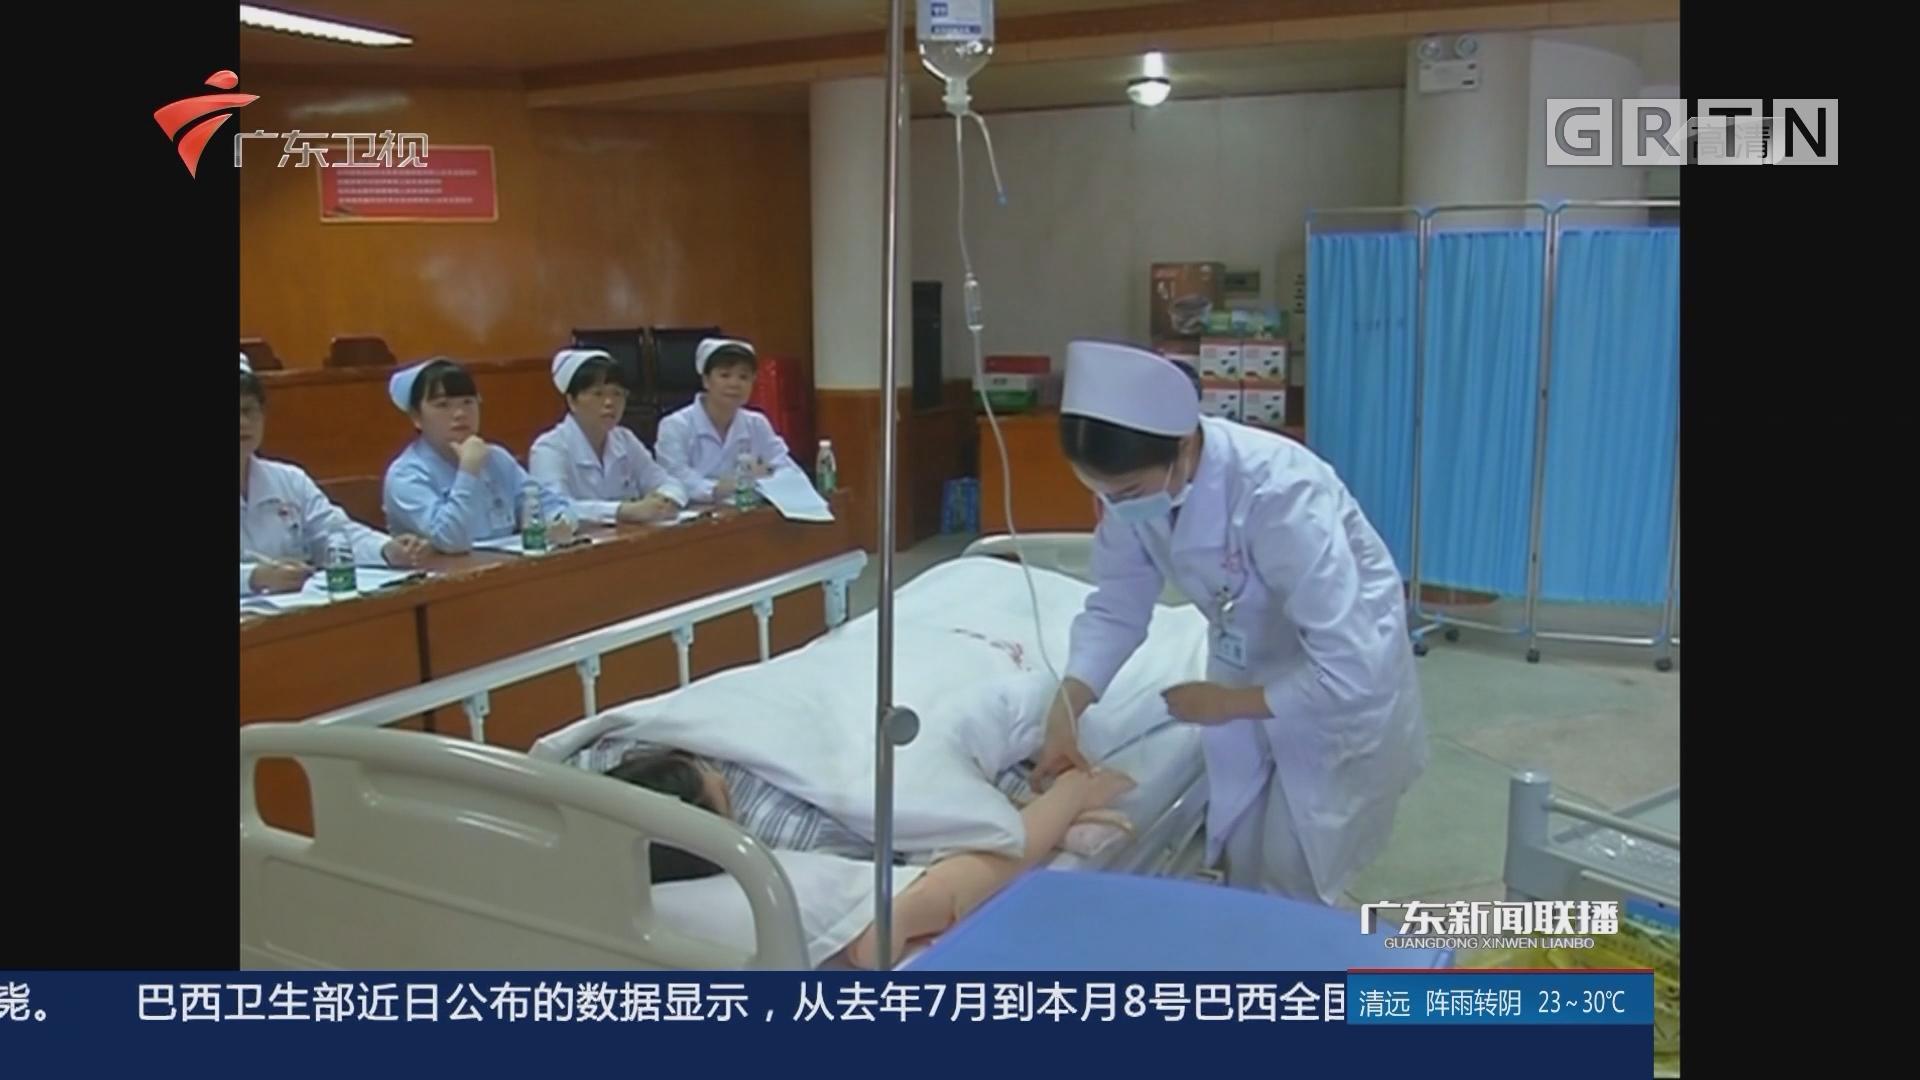 国际护士节:技能大赛展风采